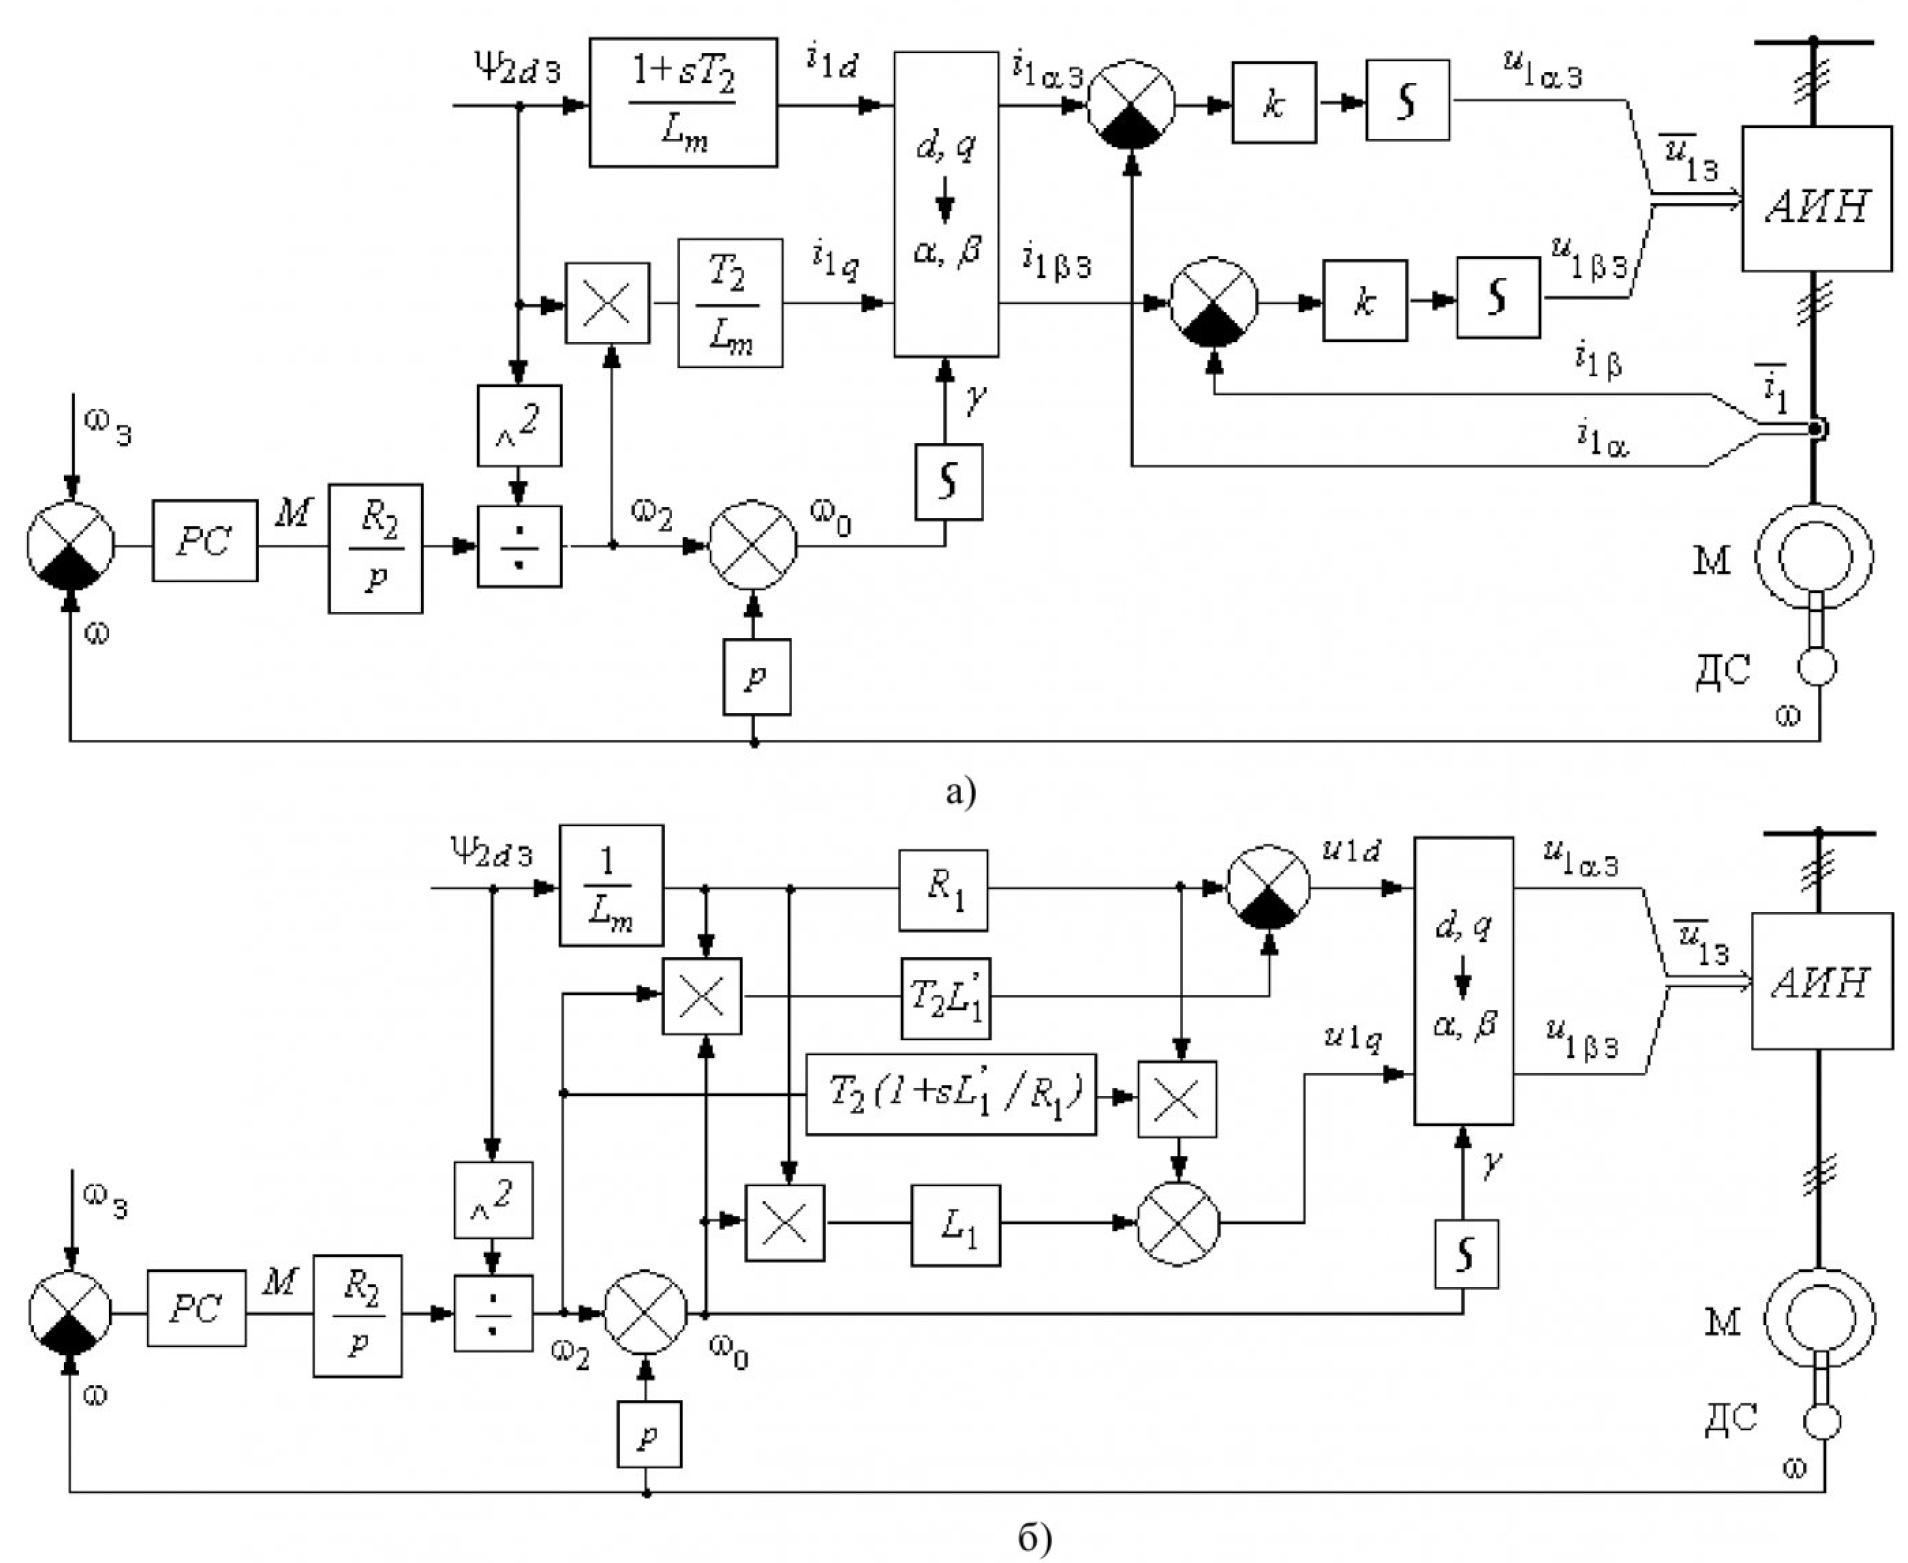 Сравнительный анализ систем регулирования угловой скорости асинхронного электродвигателя 1